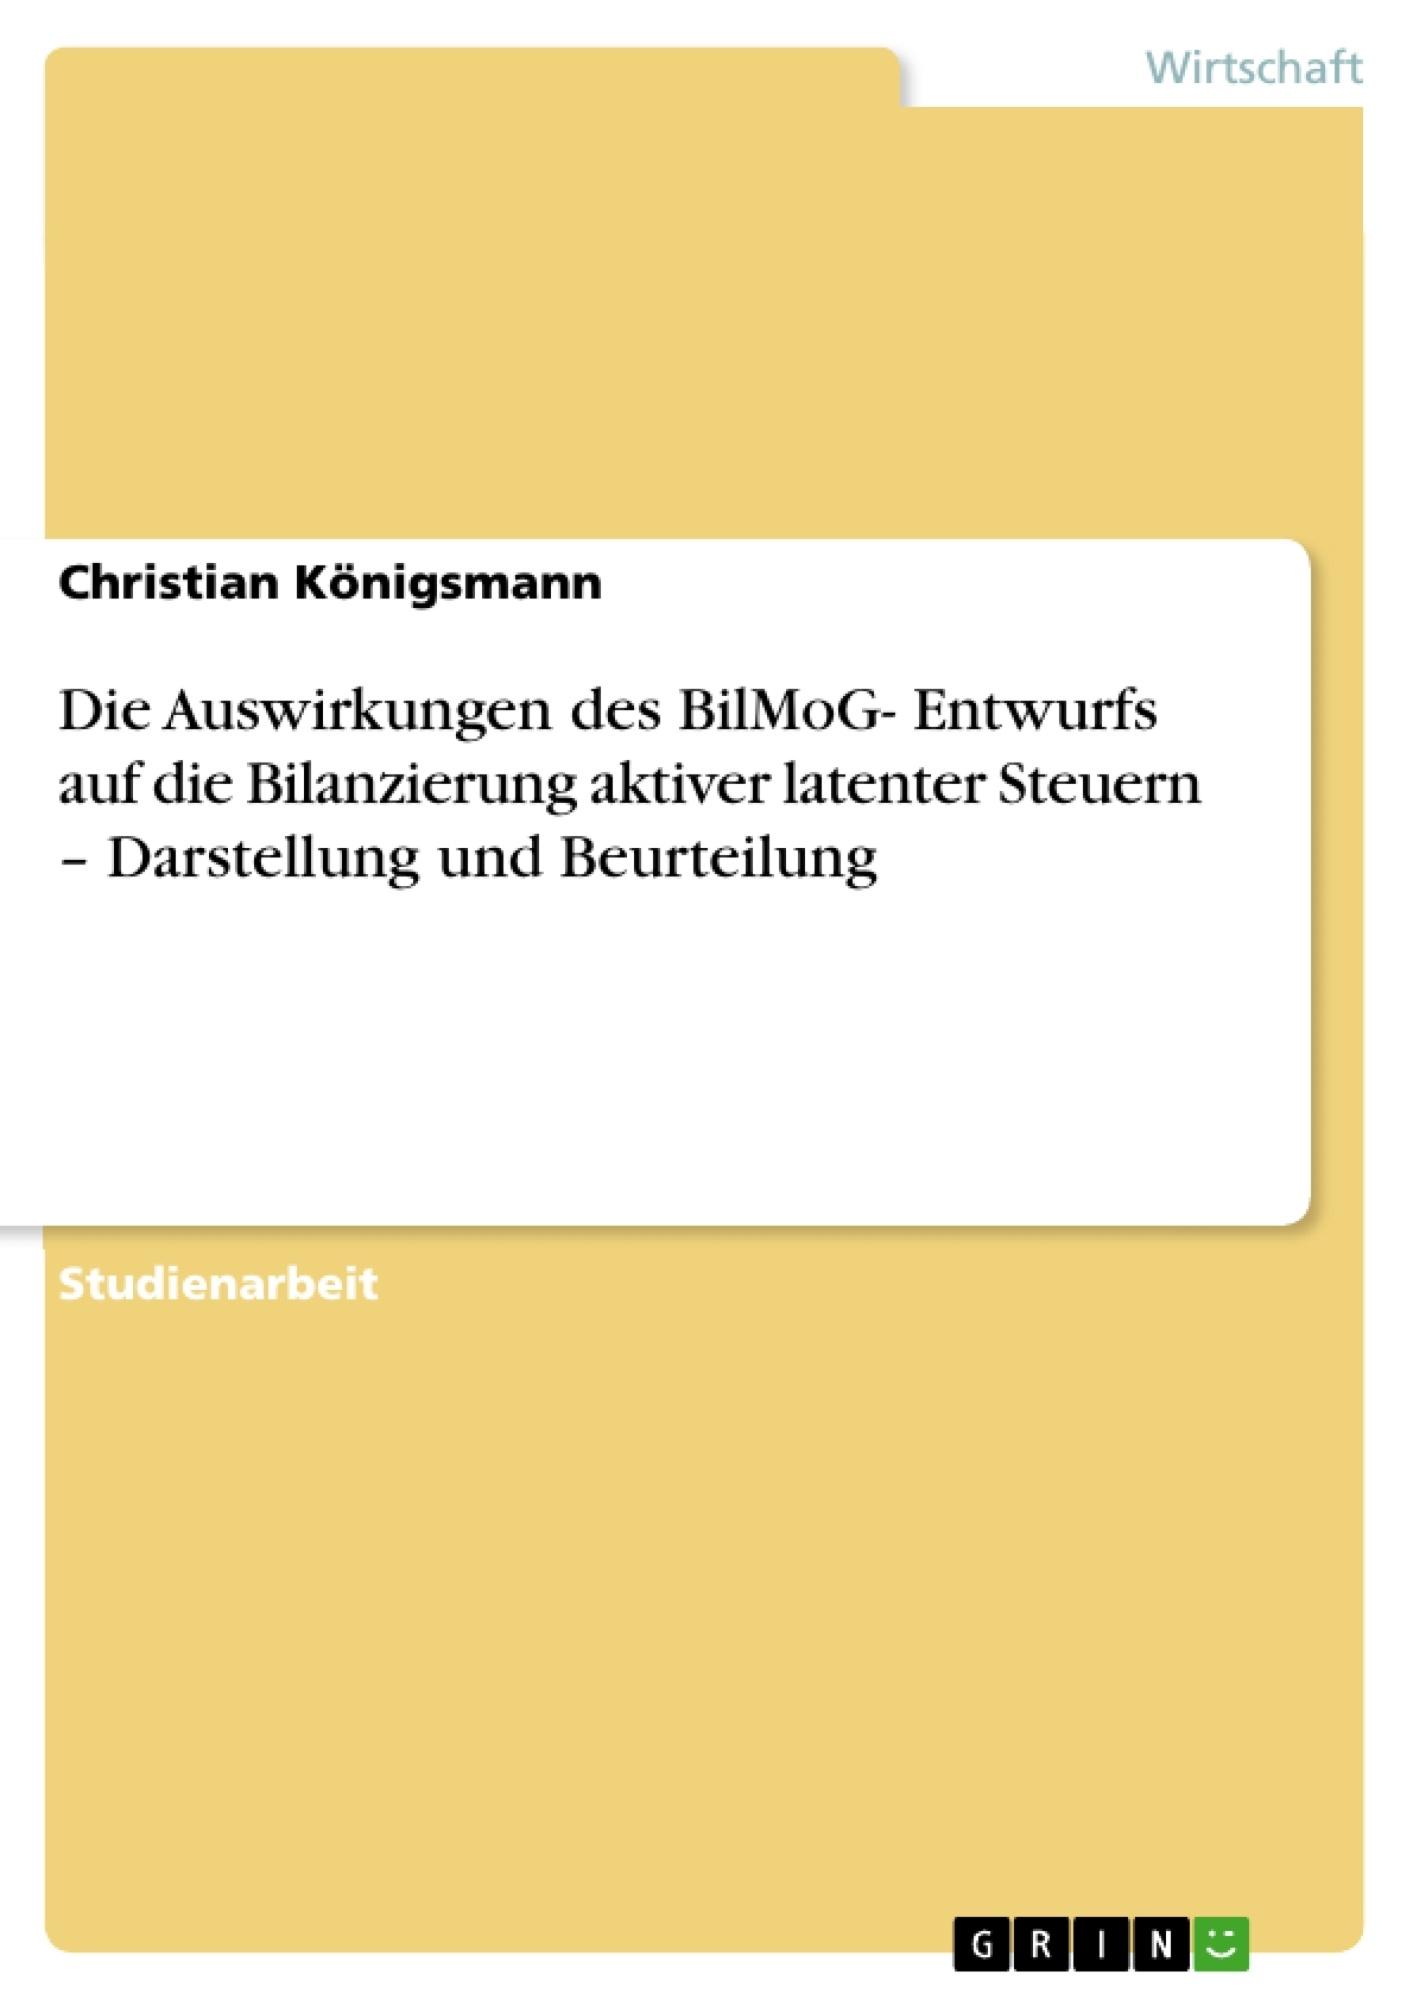 Titel: Die Auswirkungen des BilMoG- Entwurfs auf die Bilanzierung aktiver latenter Steuern – Darstellung und Beurteilung